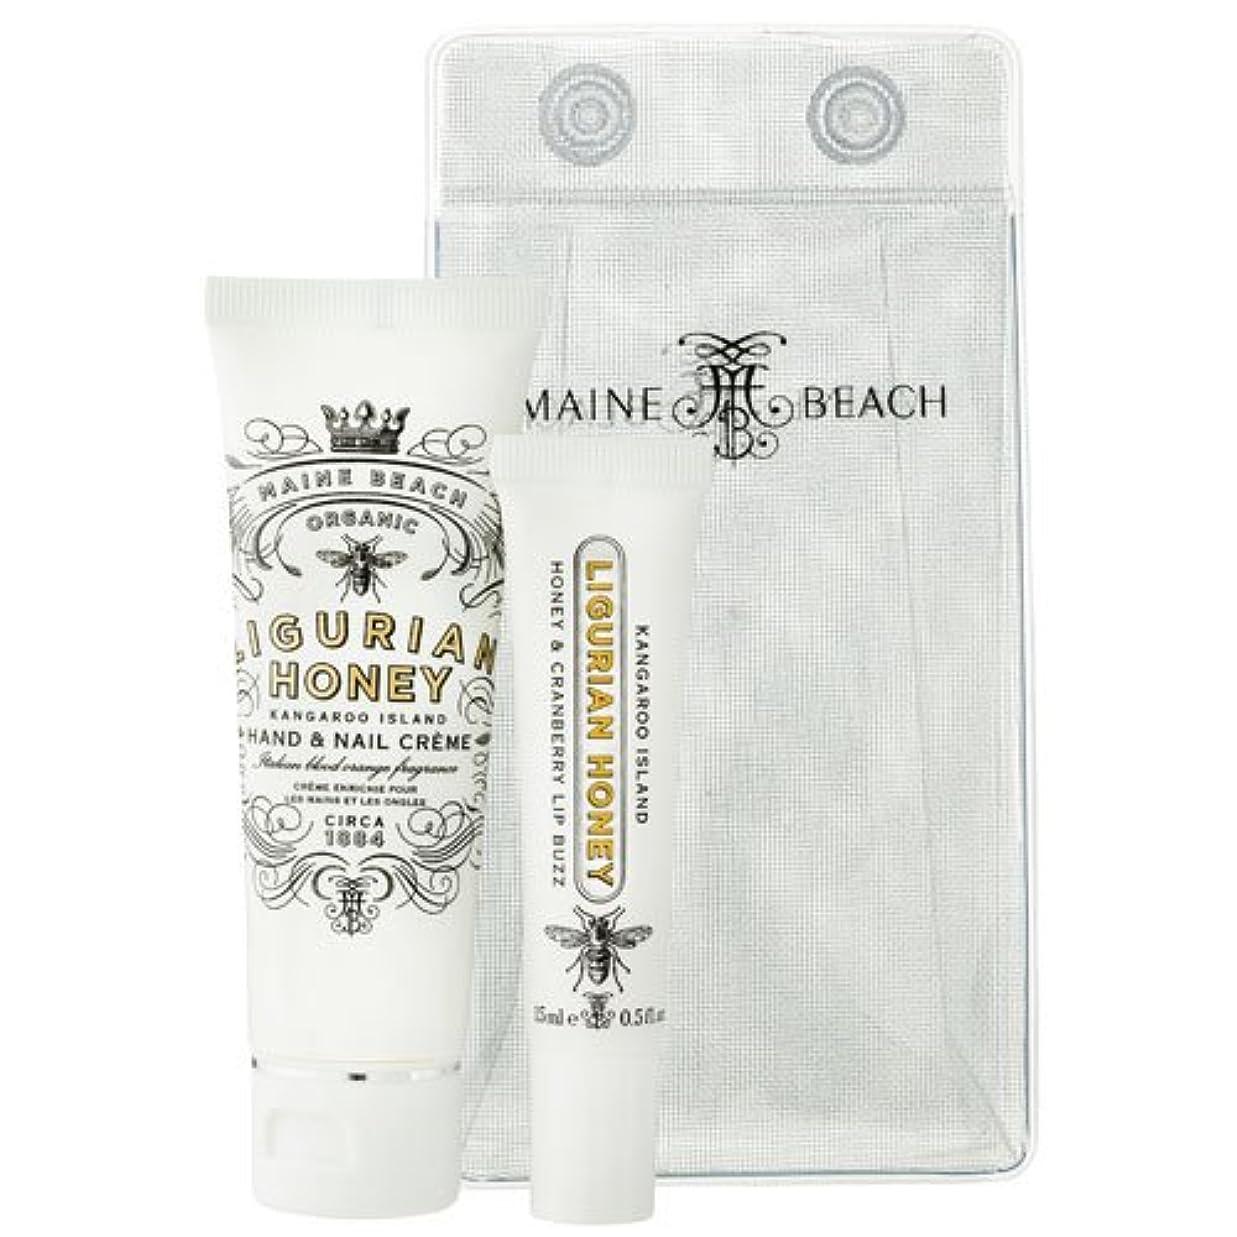 甘くする考えたアシュリータファーマンMAINE BEACH マインビーチ リグリアンハニーシリーズ  Essentials DUO Pack エッセンシャル デュオ パック